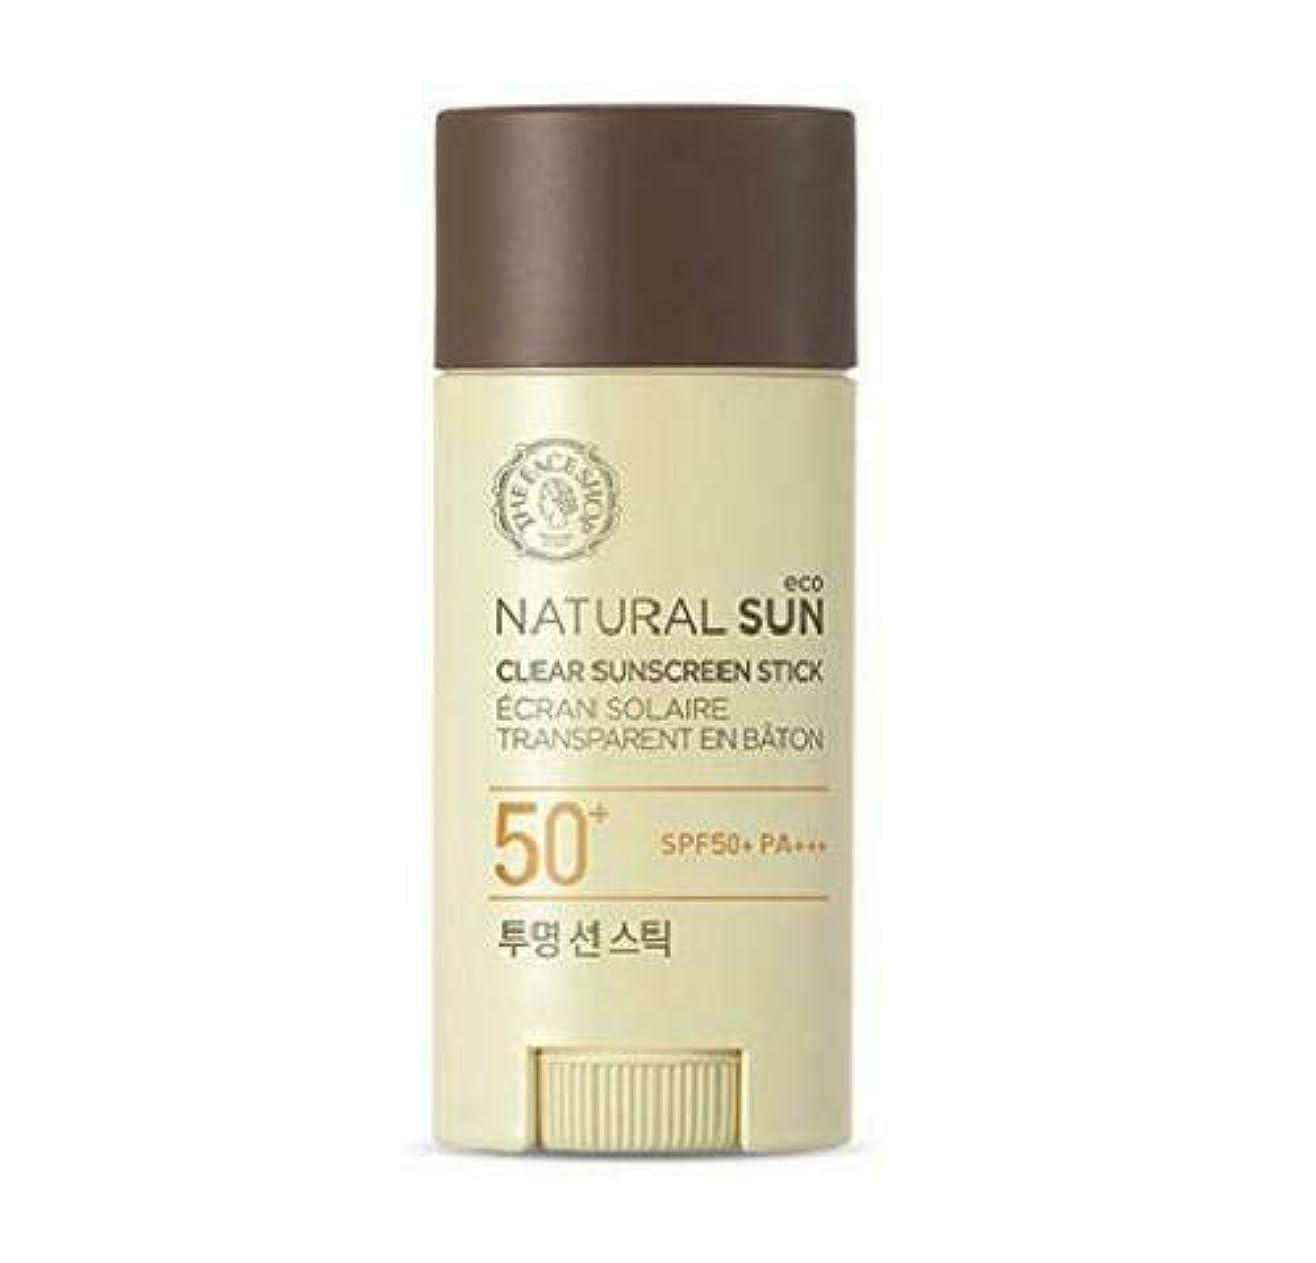 振り子バタフライむしろザフェイスショップ(The Face Shop) Natural Eco Sun Clear Sunscreen Stick サンスティック (13.5g) SPF50+ PA+++